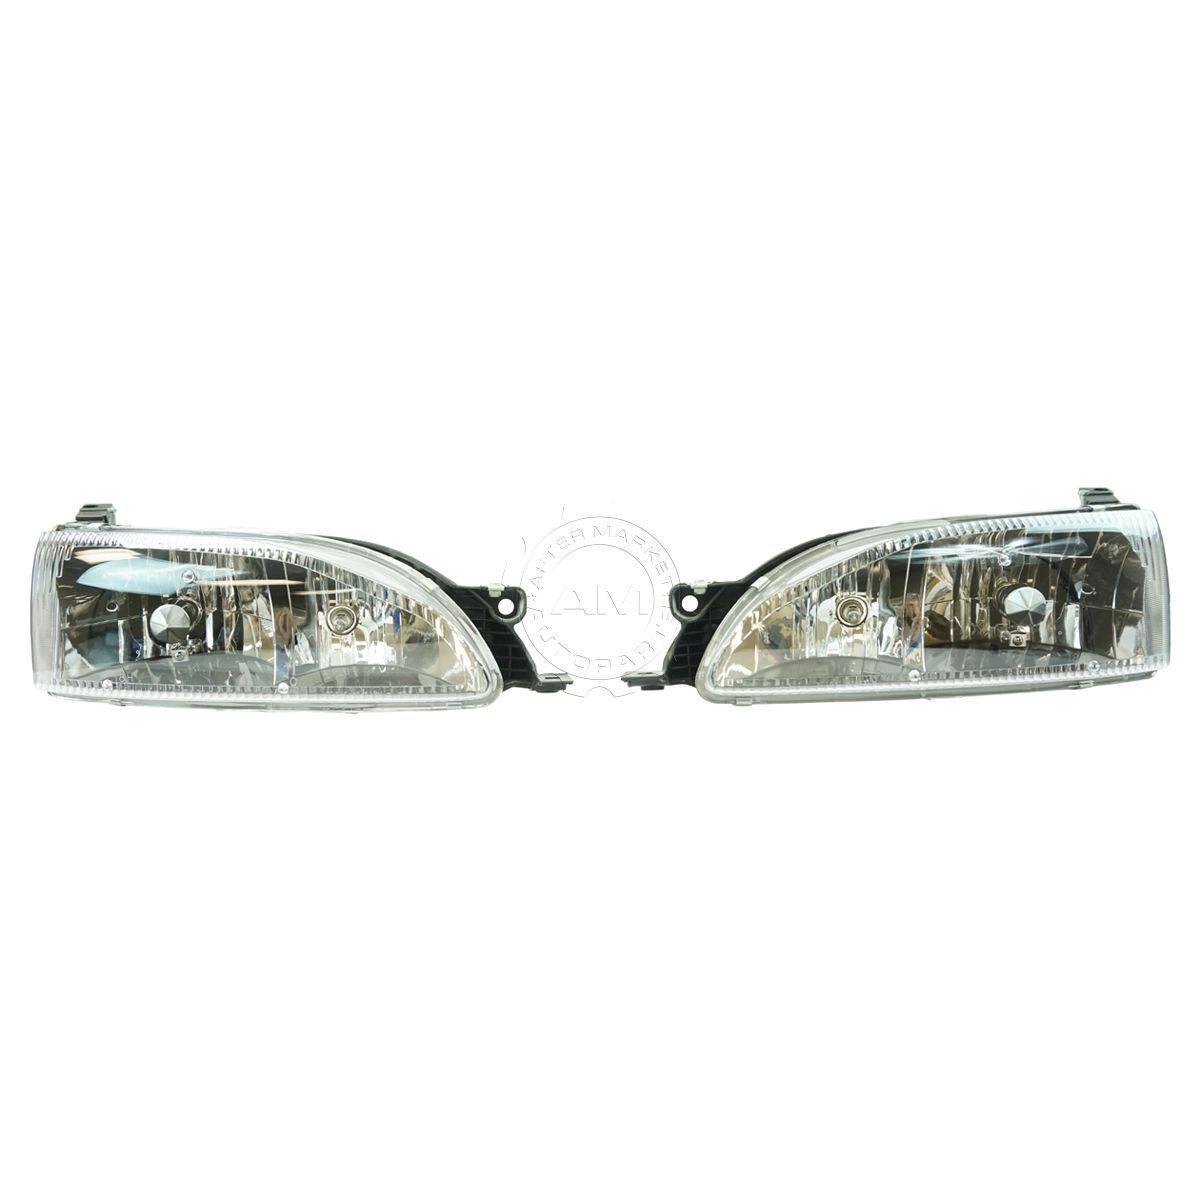 コーナーライト Performance Upgrade Black Diamond Headlight Corner & Side Marker Light for Camry パフォーマンスアップグレードブラックダイヤモンドヘッドライトコーナー& カムリ用サイドマーカーライト